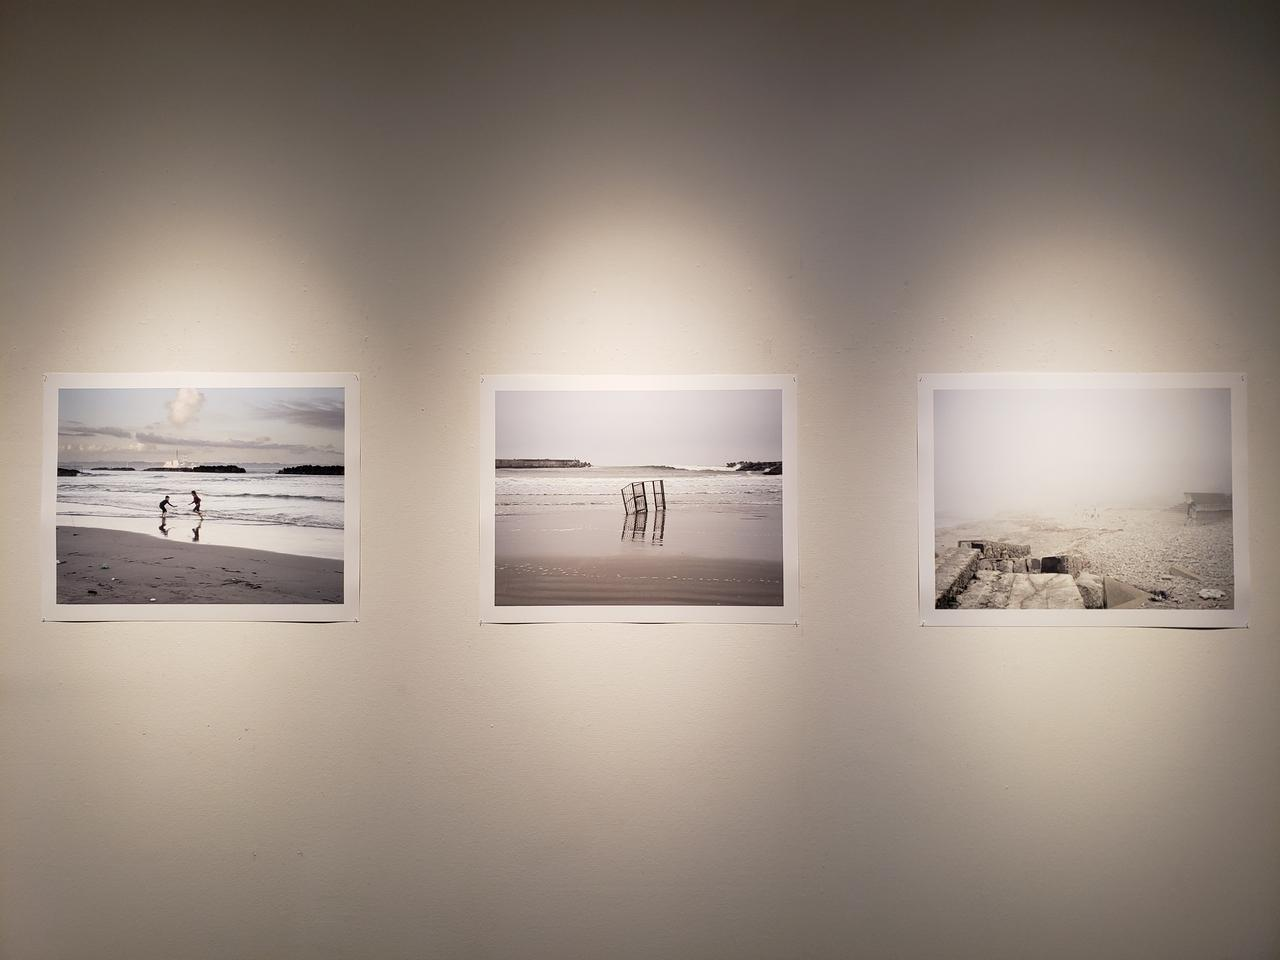 画像: 展示作品より。今回の写真展は「朝日新聞文化財団助成事業」の一環だそうです。